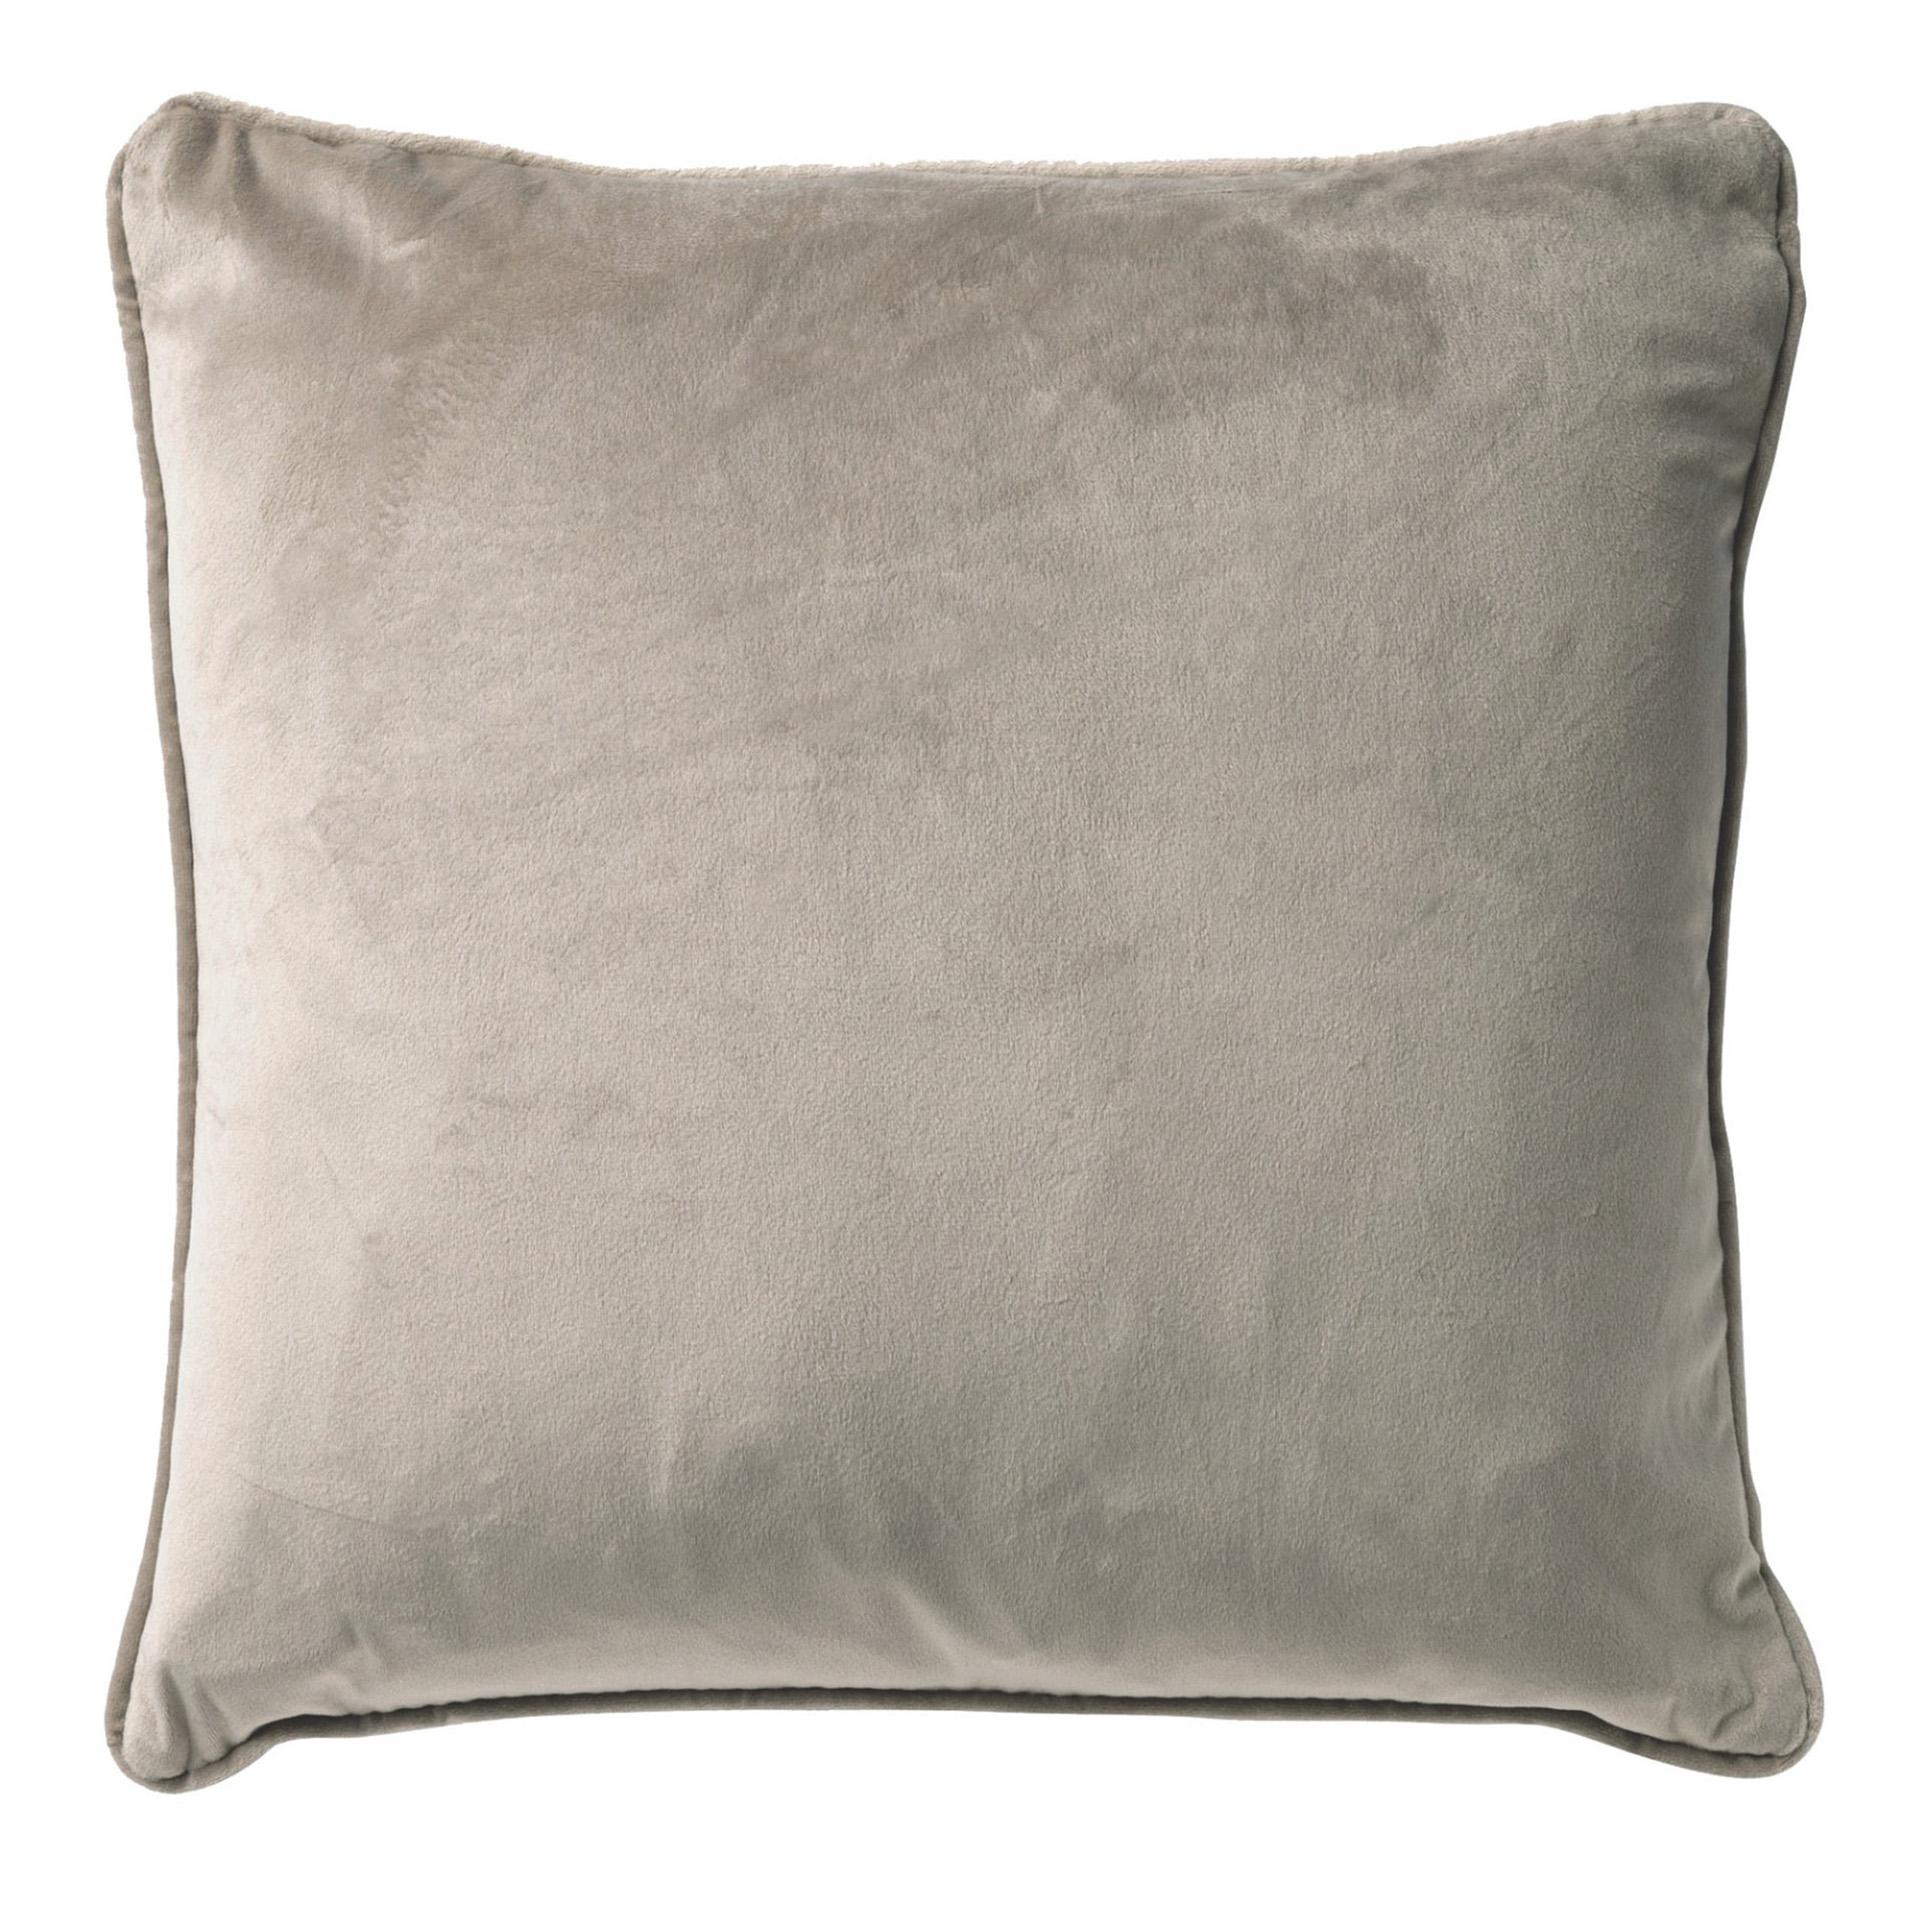 FINN - Sierkussen velvet Pumice Stone 45x45 cm